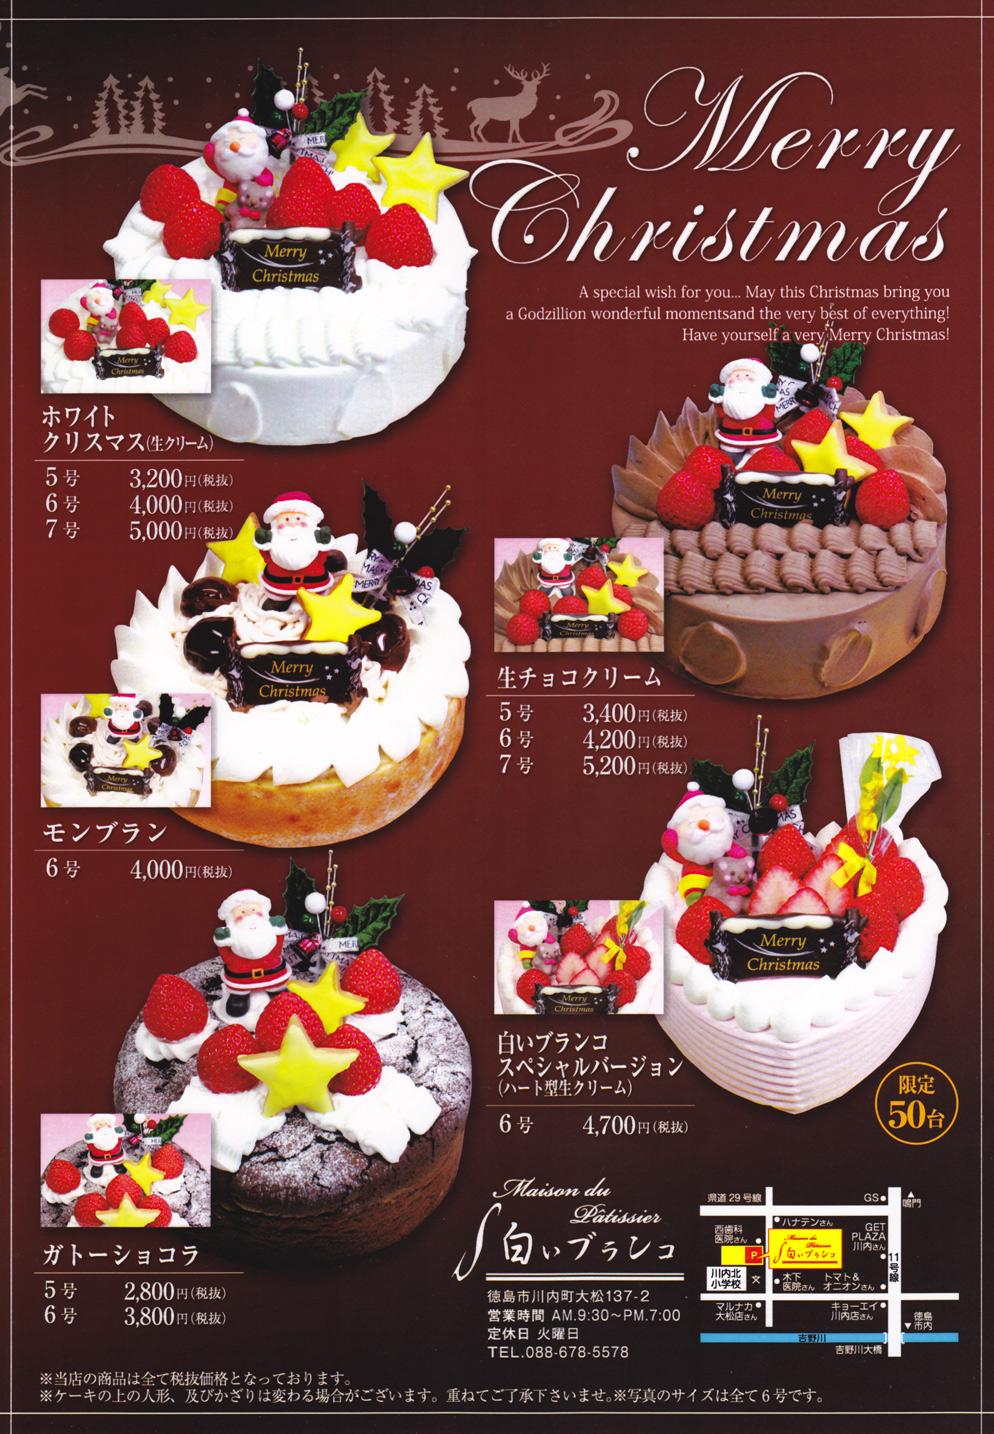 2014クリスマスパンフレット